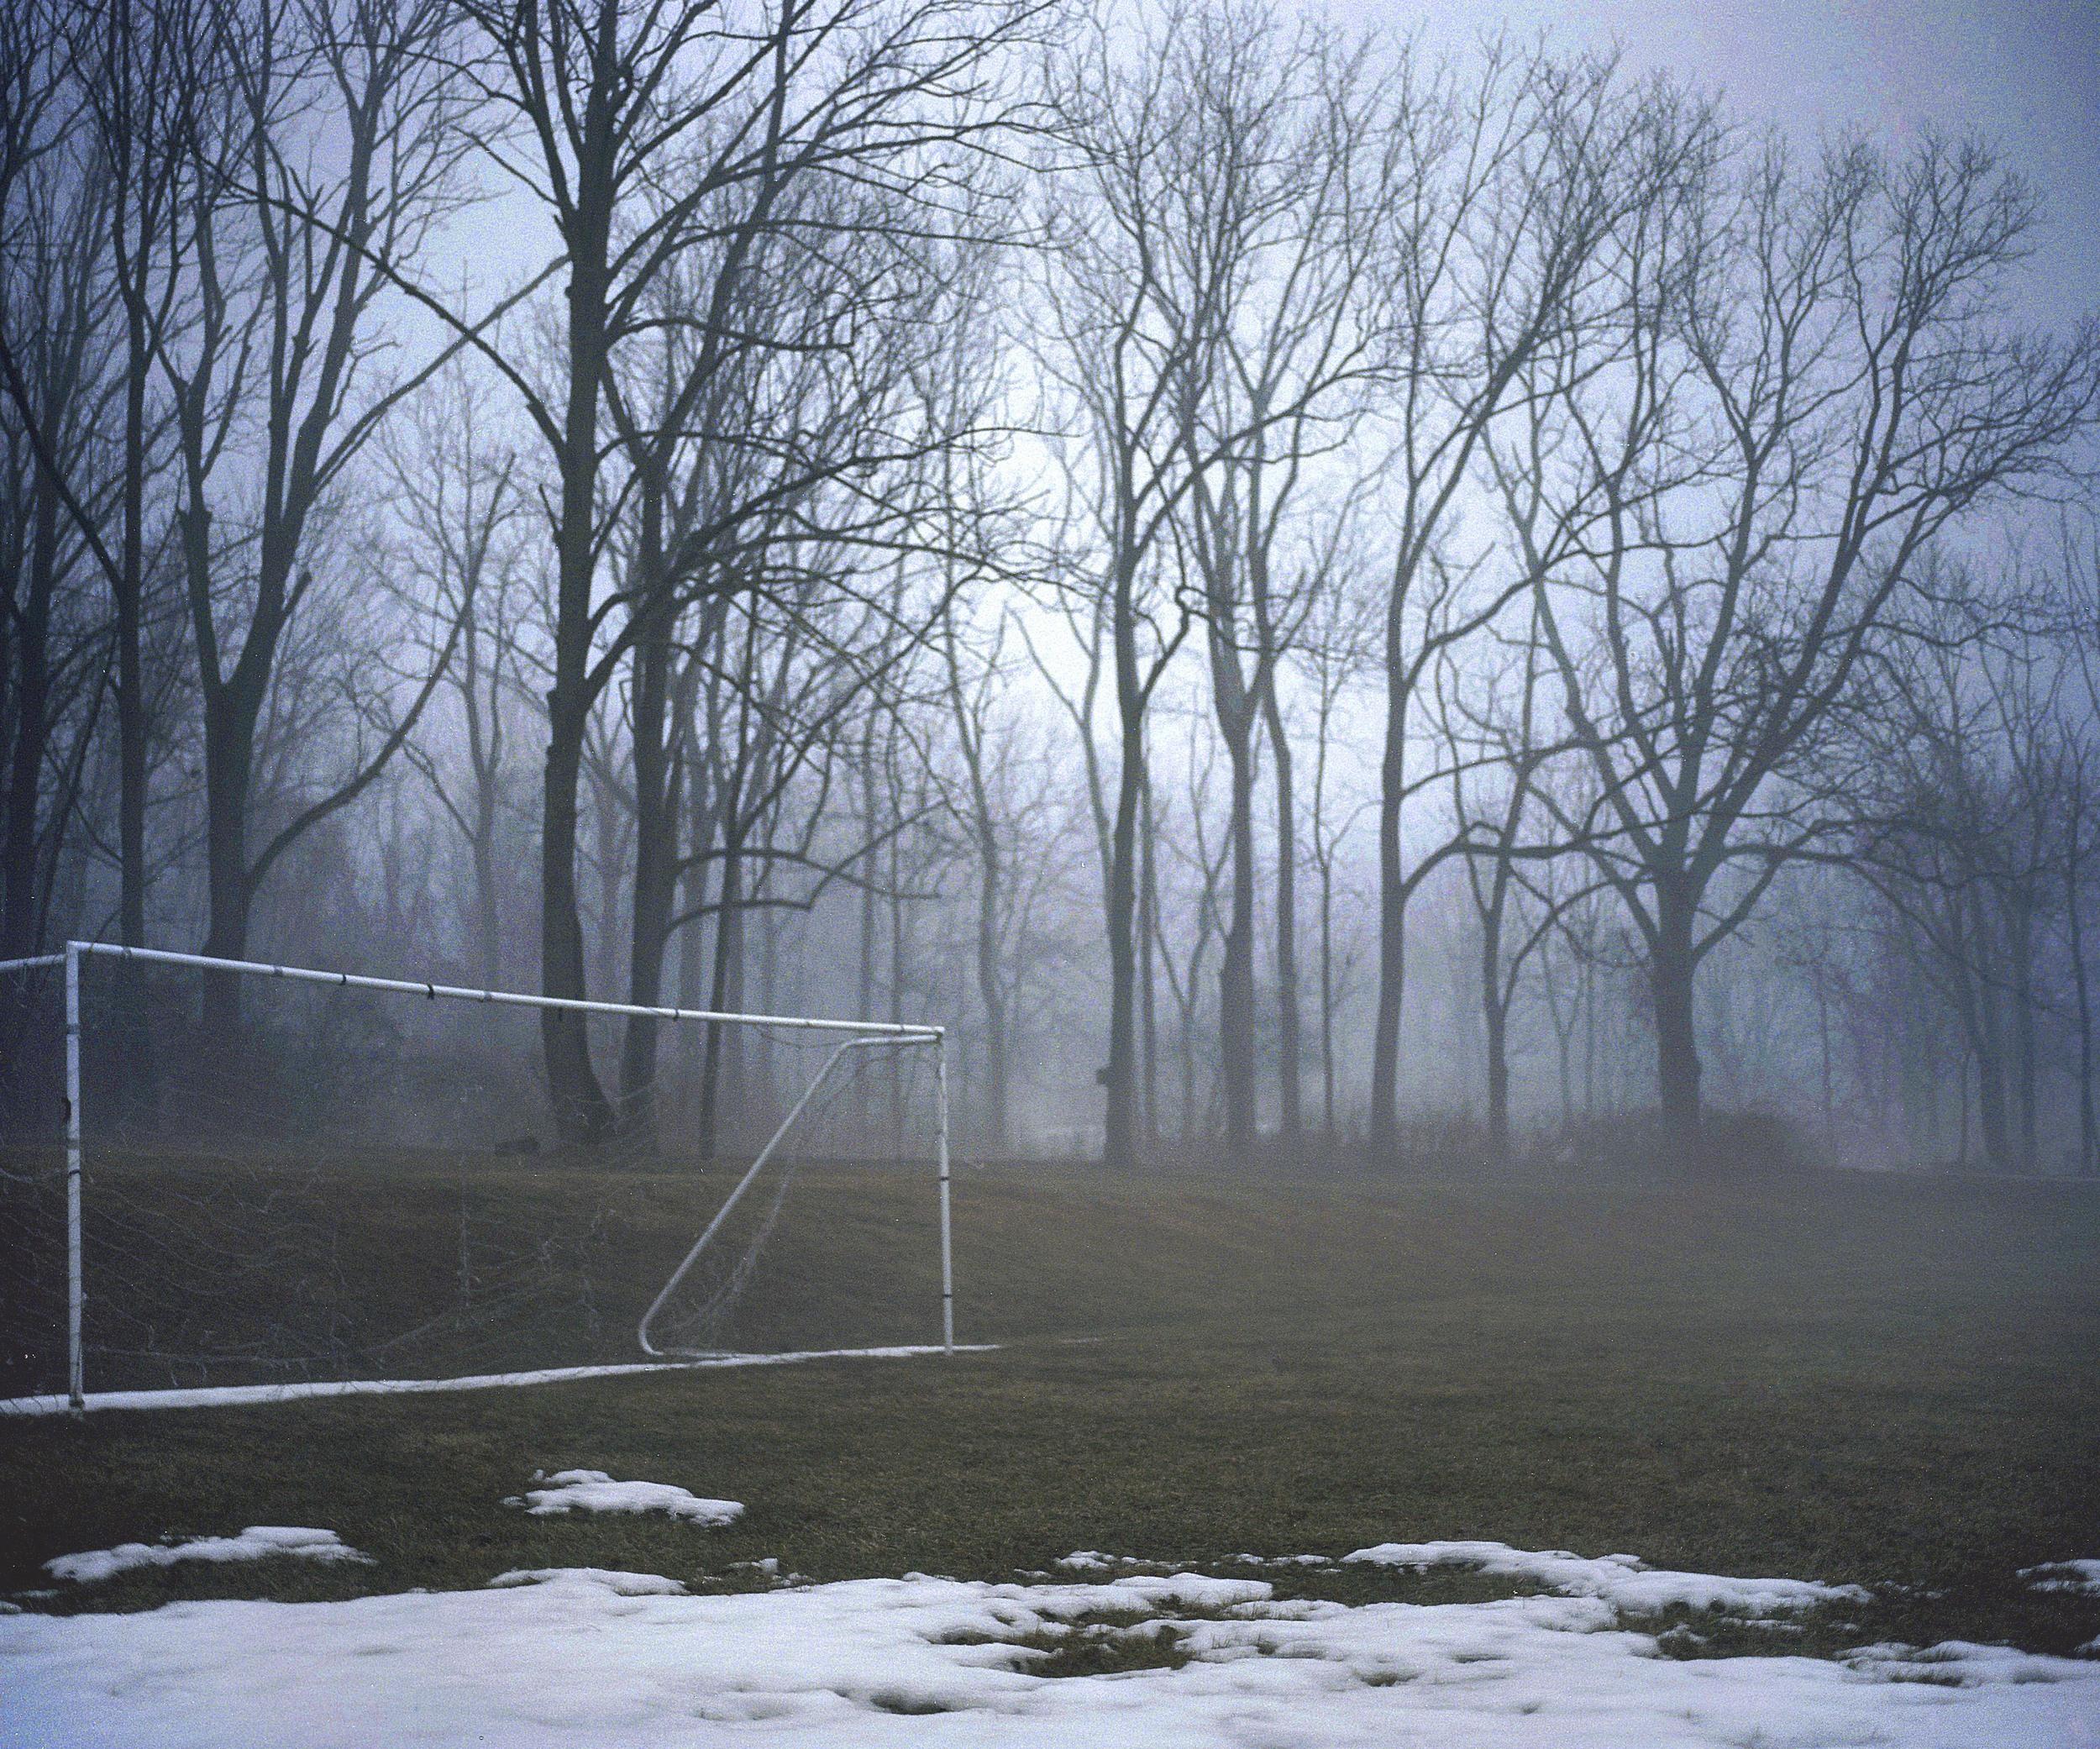 soccerfield_gwyneddvalley-small.jpg